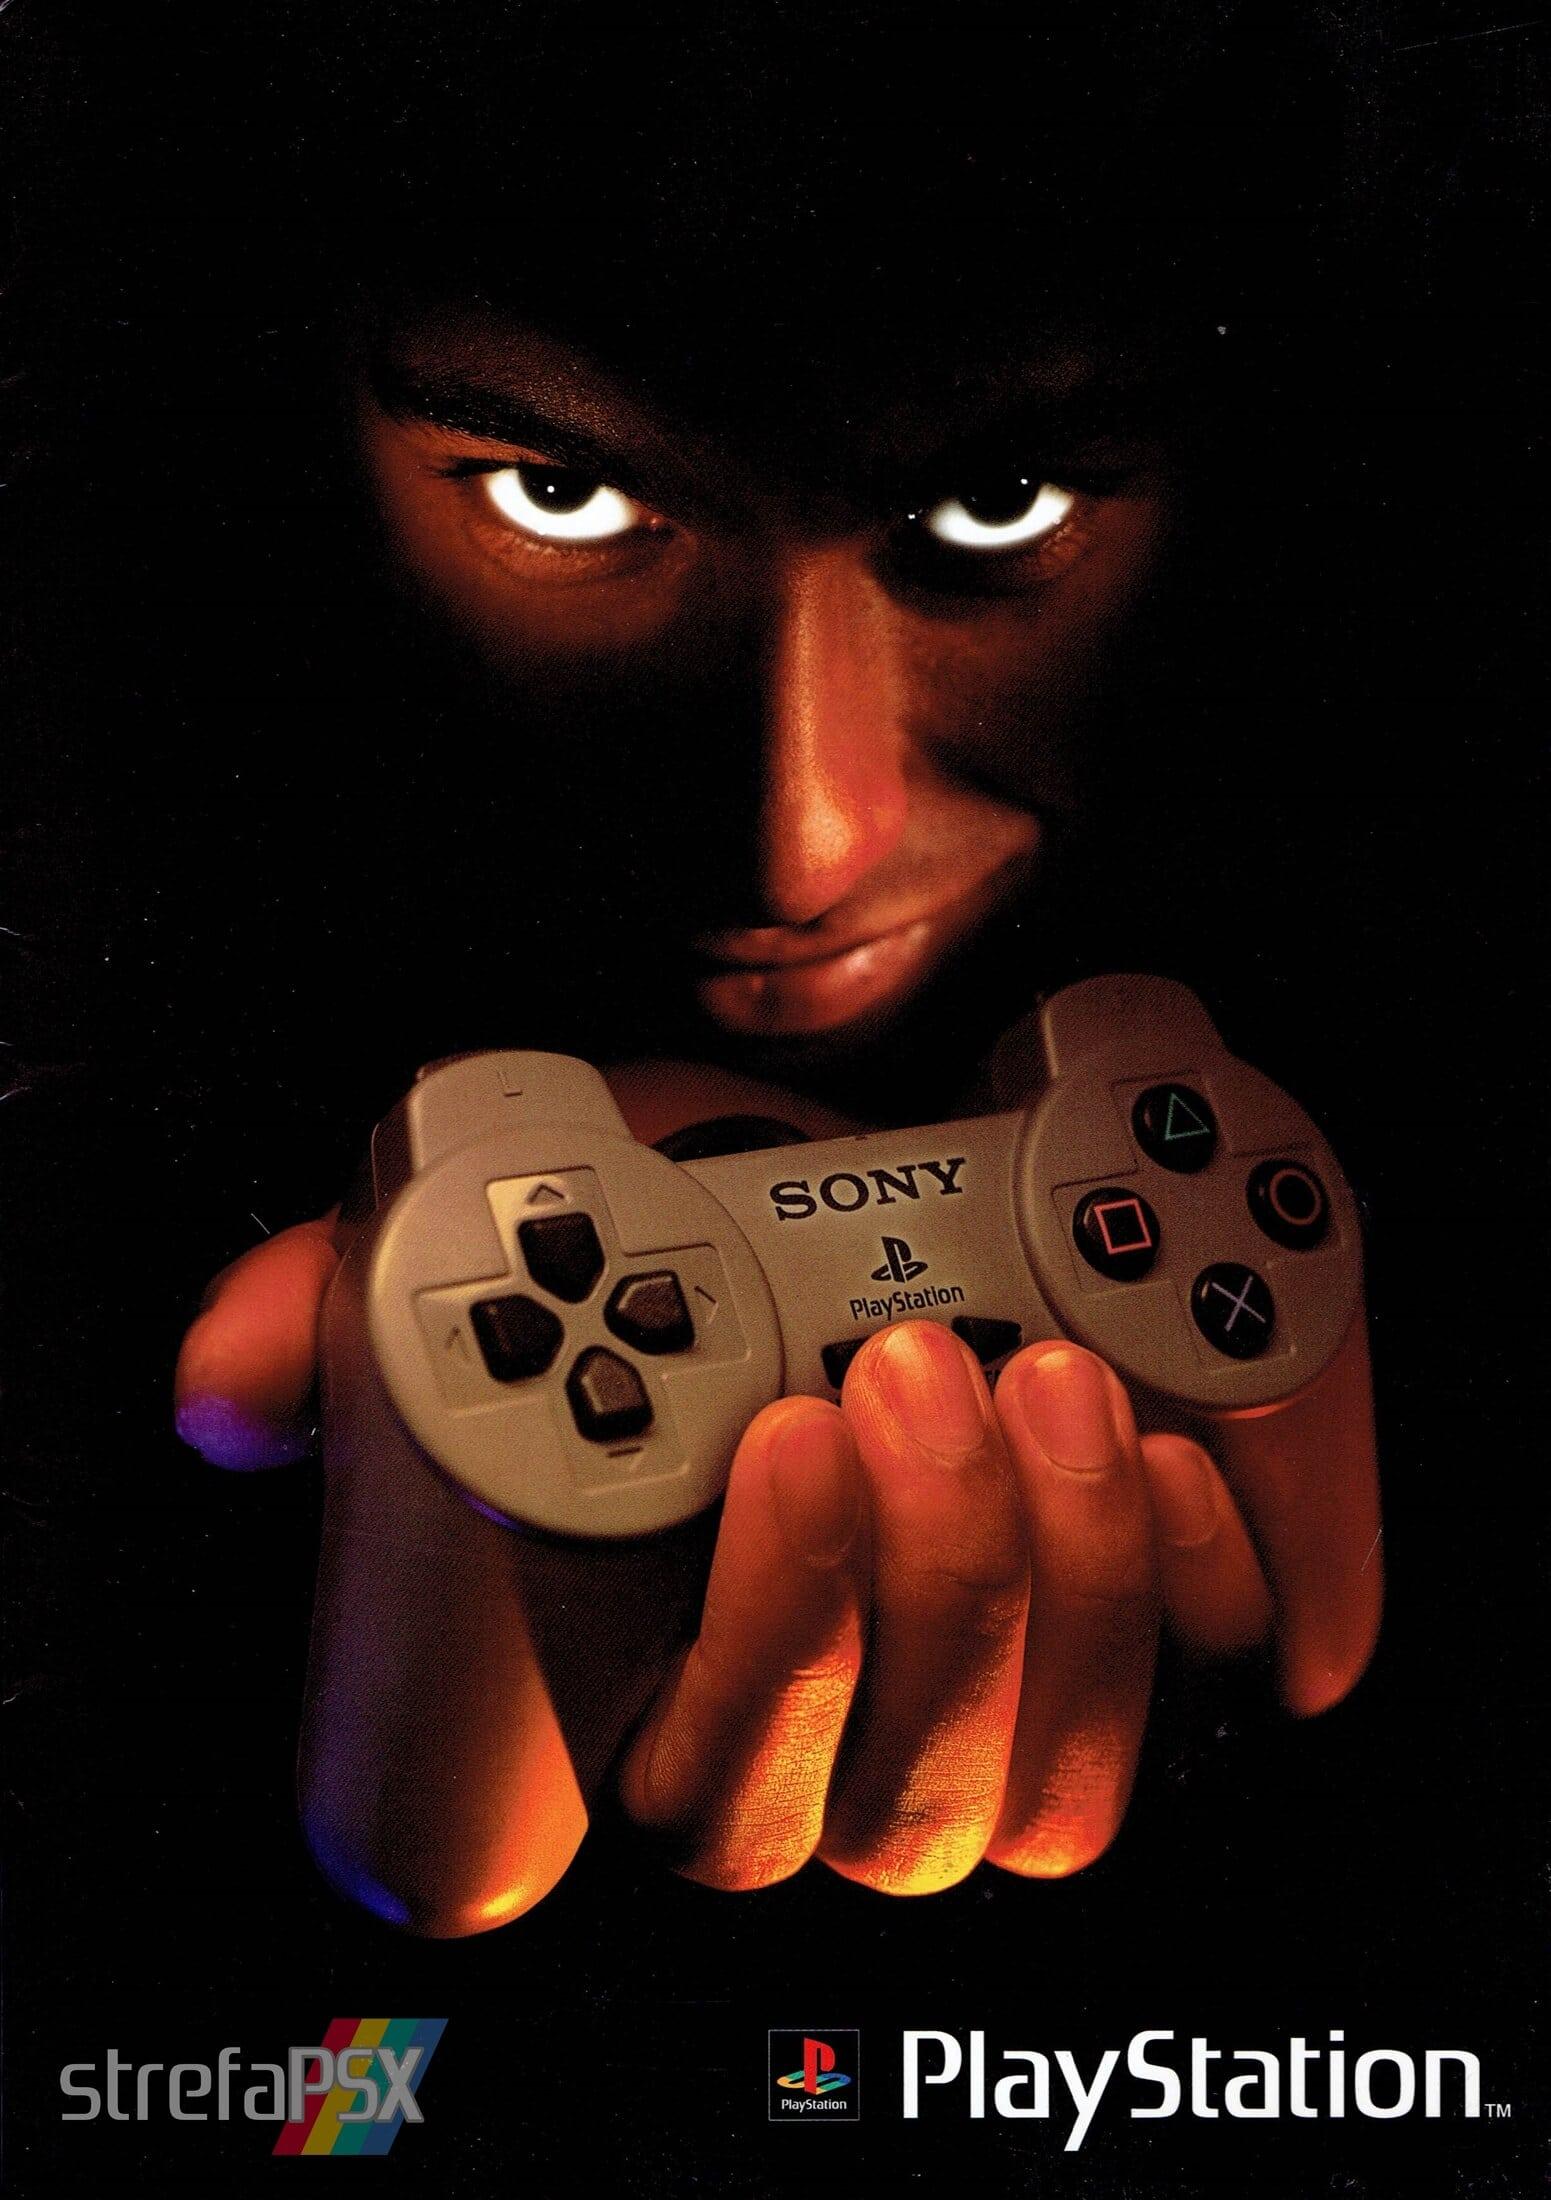 broszura reklamowa psx 01 - Broszury reklamowe PlayStation z dawnych lat